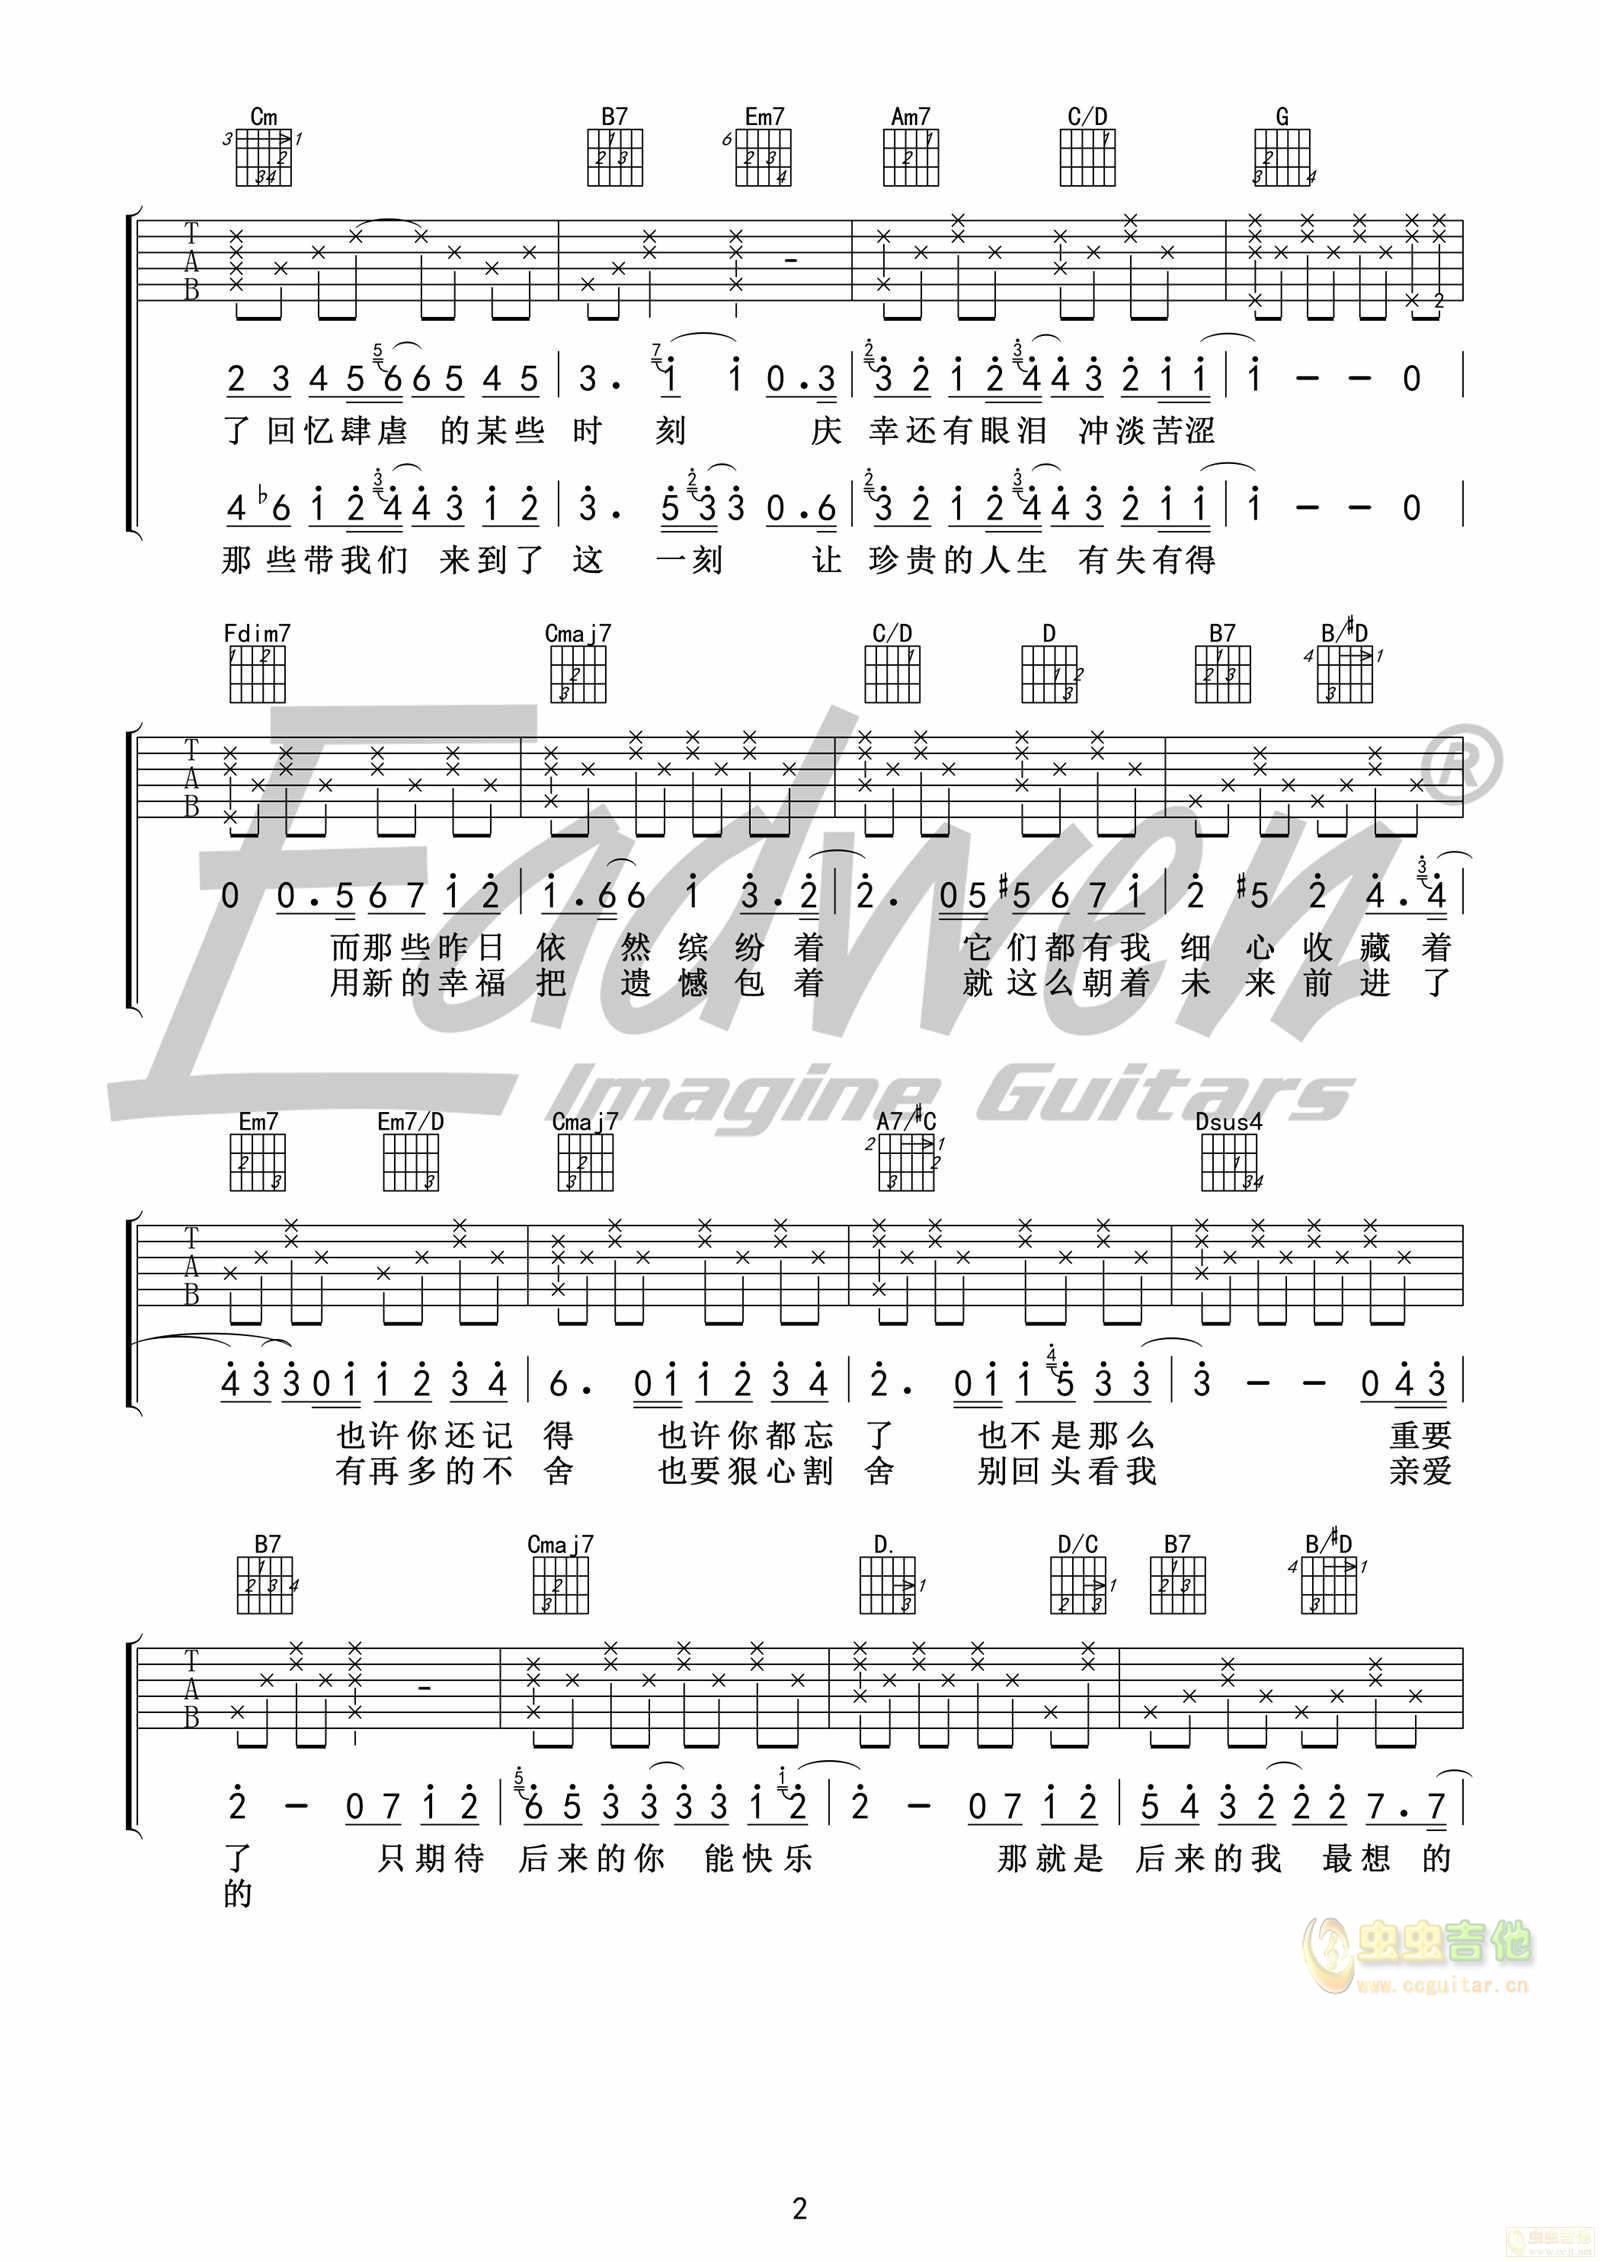 五月天原版《后来的我们》―爱德文吉他教室-吉他谱-C大调音乐网